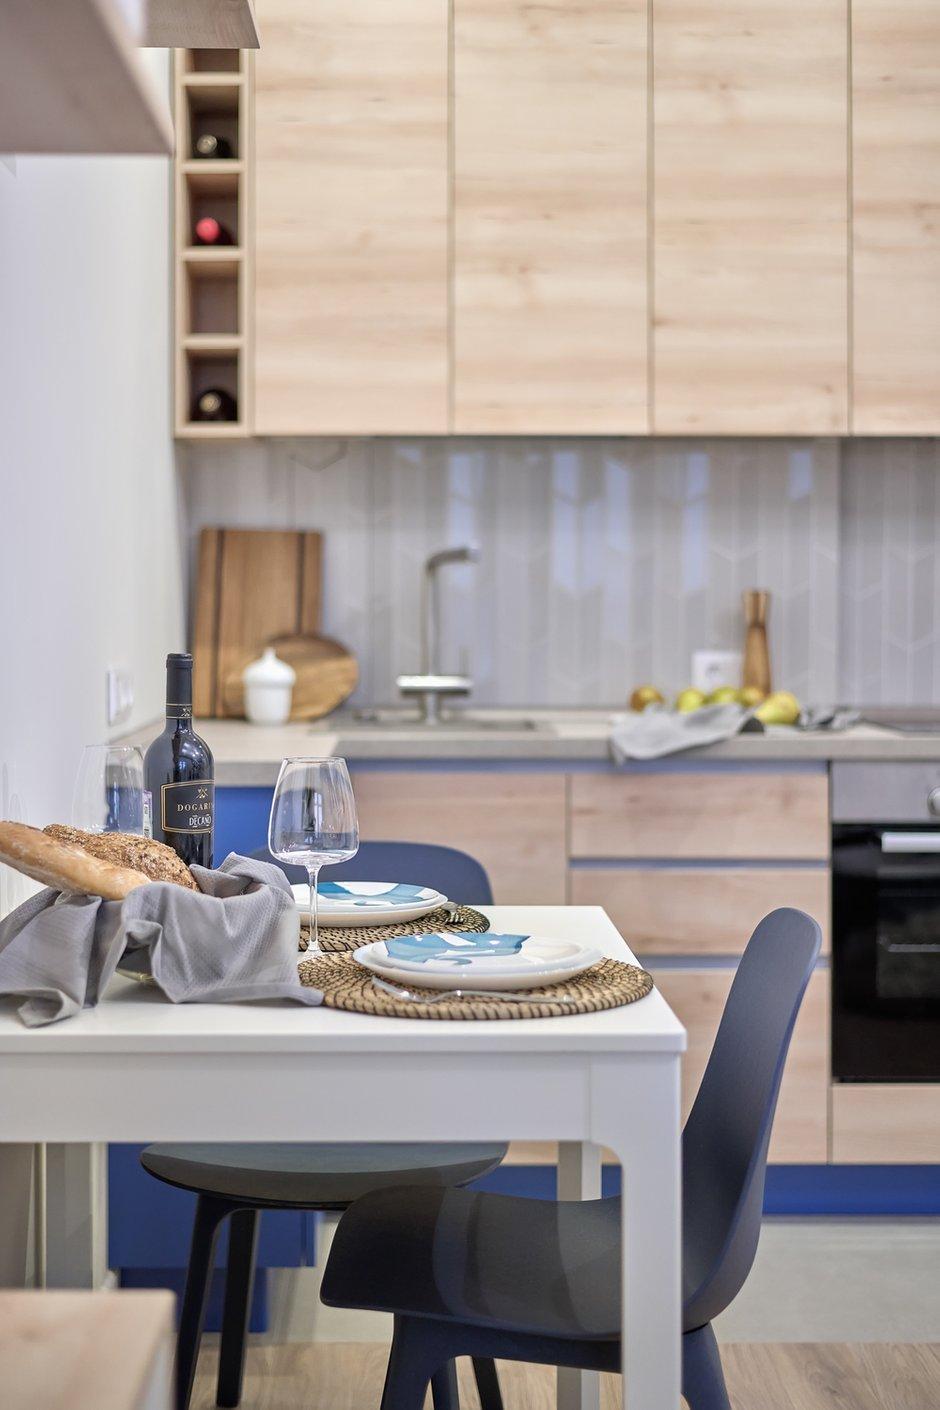 Фотография: Кухня и столовая в стиле Современный, Скандинавский, Квартира, Белый, Проект недели, Москва, Синий, Серый, Монолитный дом, 1 комната, 40-60 метров, Катерина Колмыченко – фото на INMYROOM